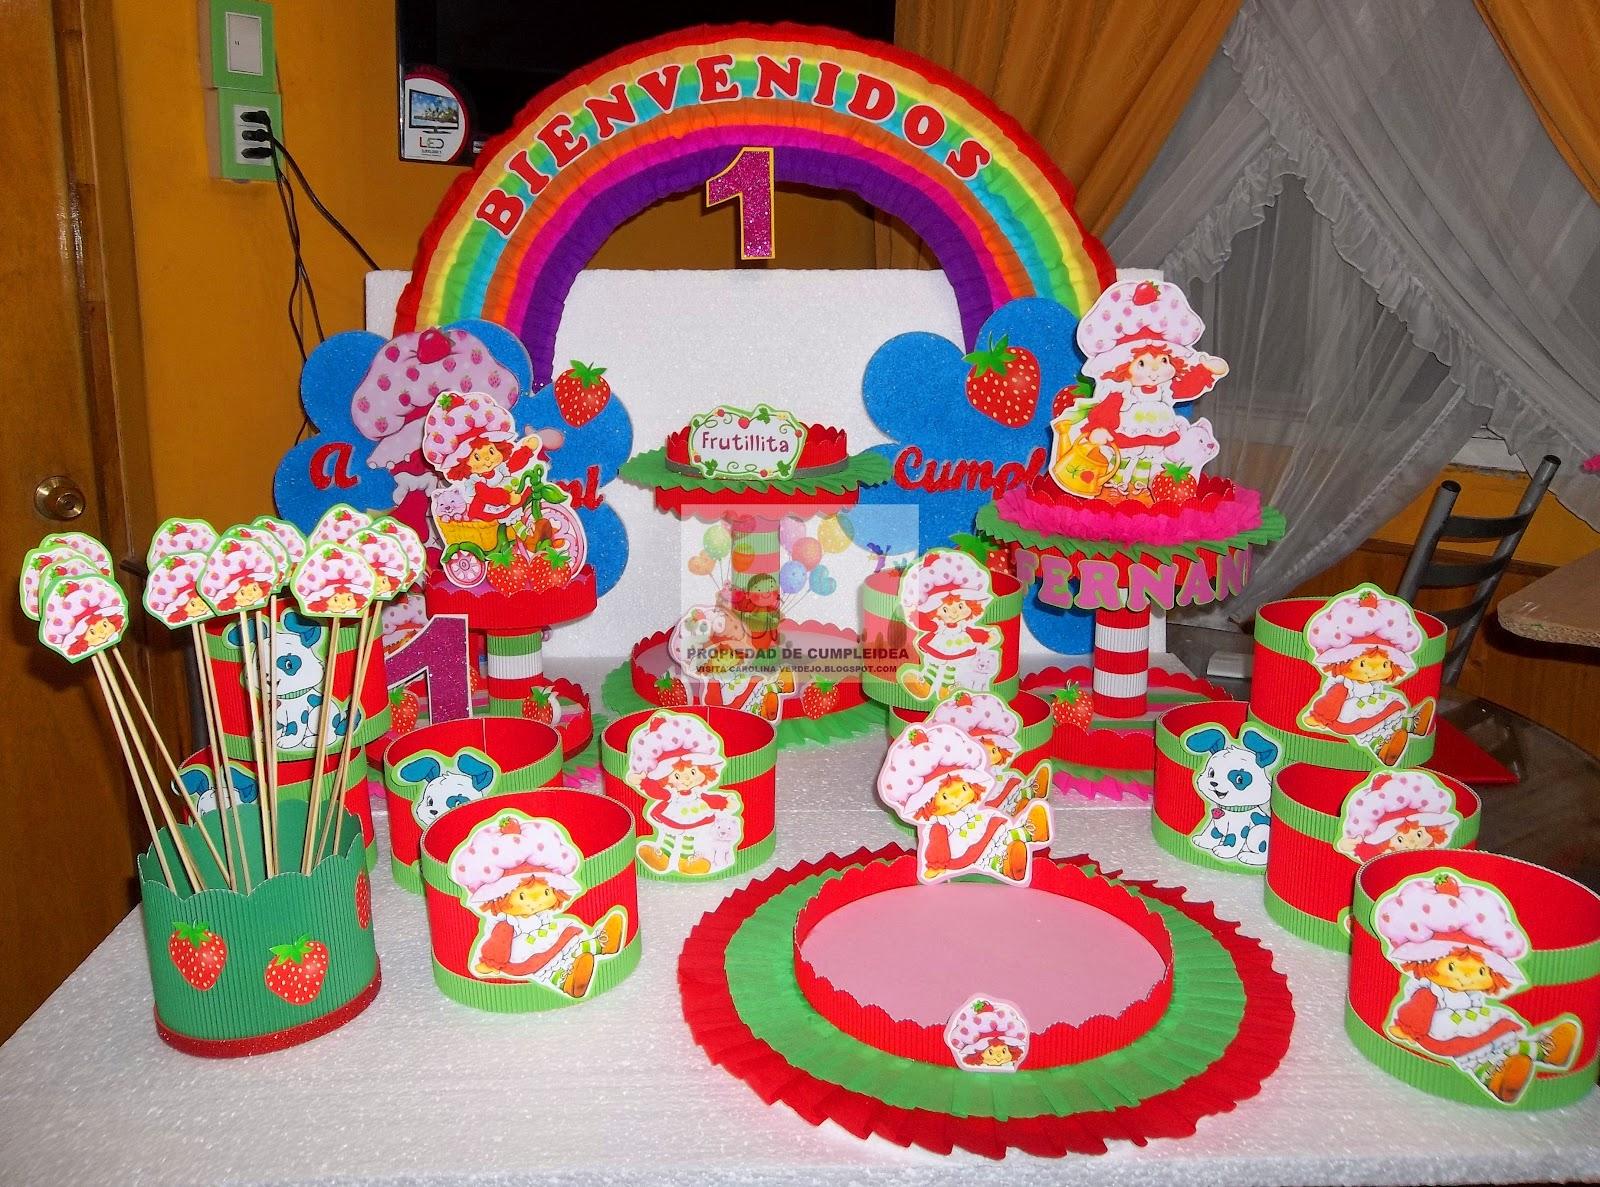 Centros mesa frutillitas para cumpleanos infantiles for Mesas cumpleanos infantiles